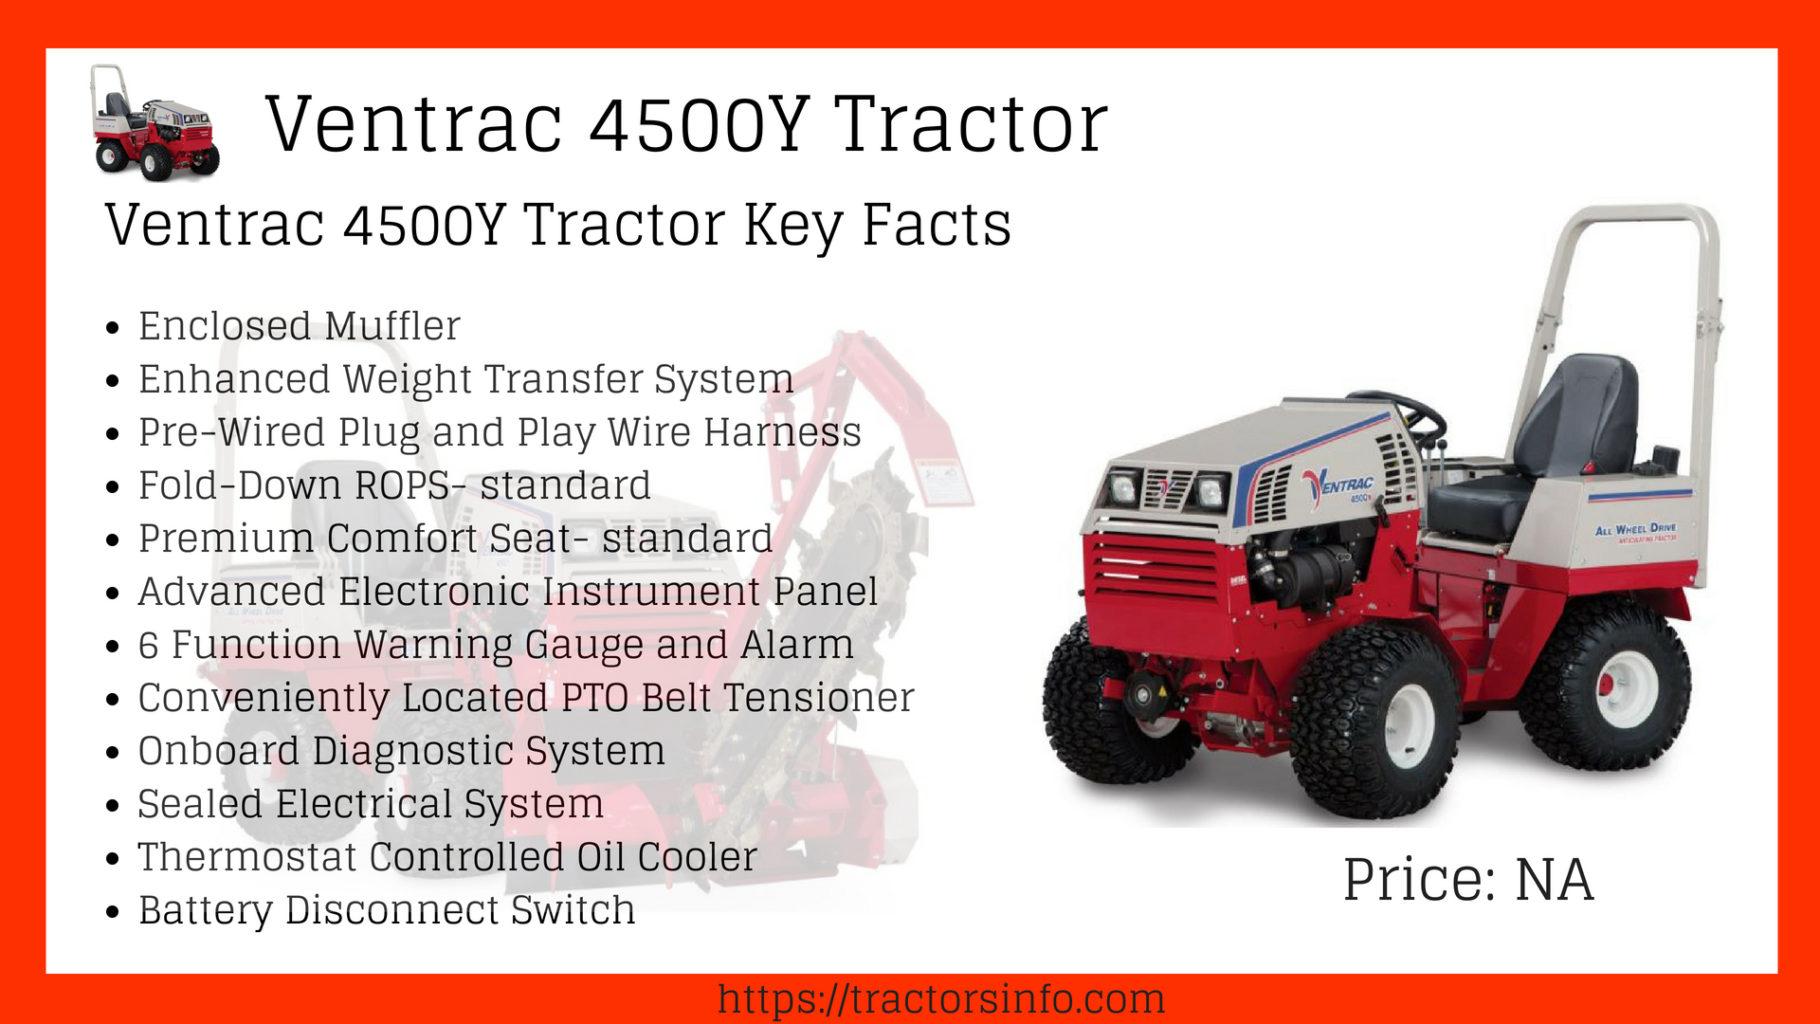 Ventrac 4500Y Tractor